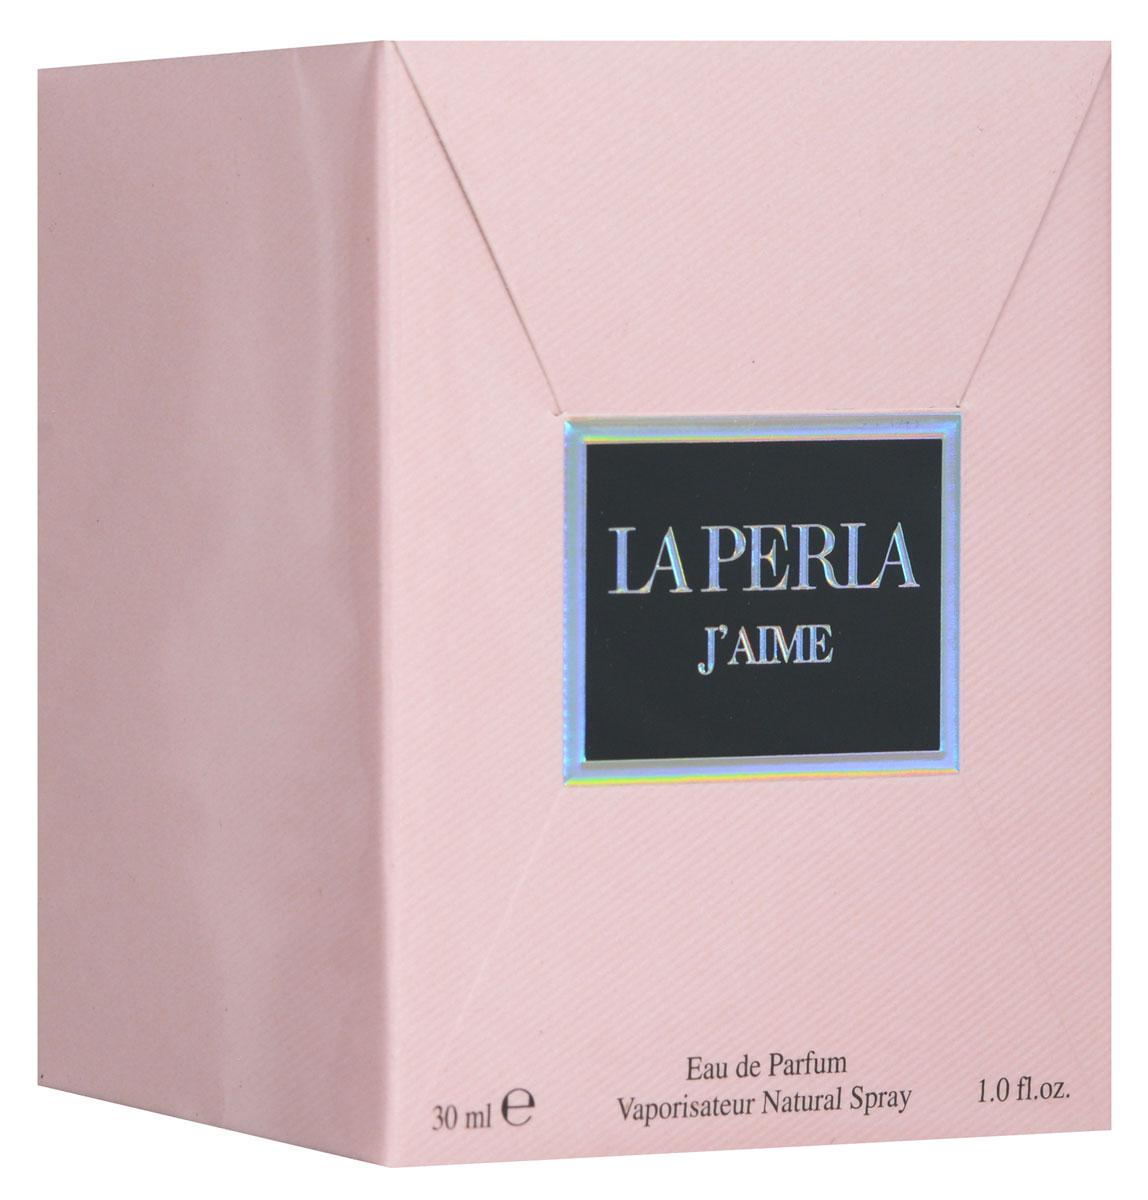 La Perla Парфюмерная вода JAIME  женская, 30 мл